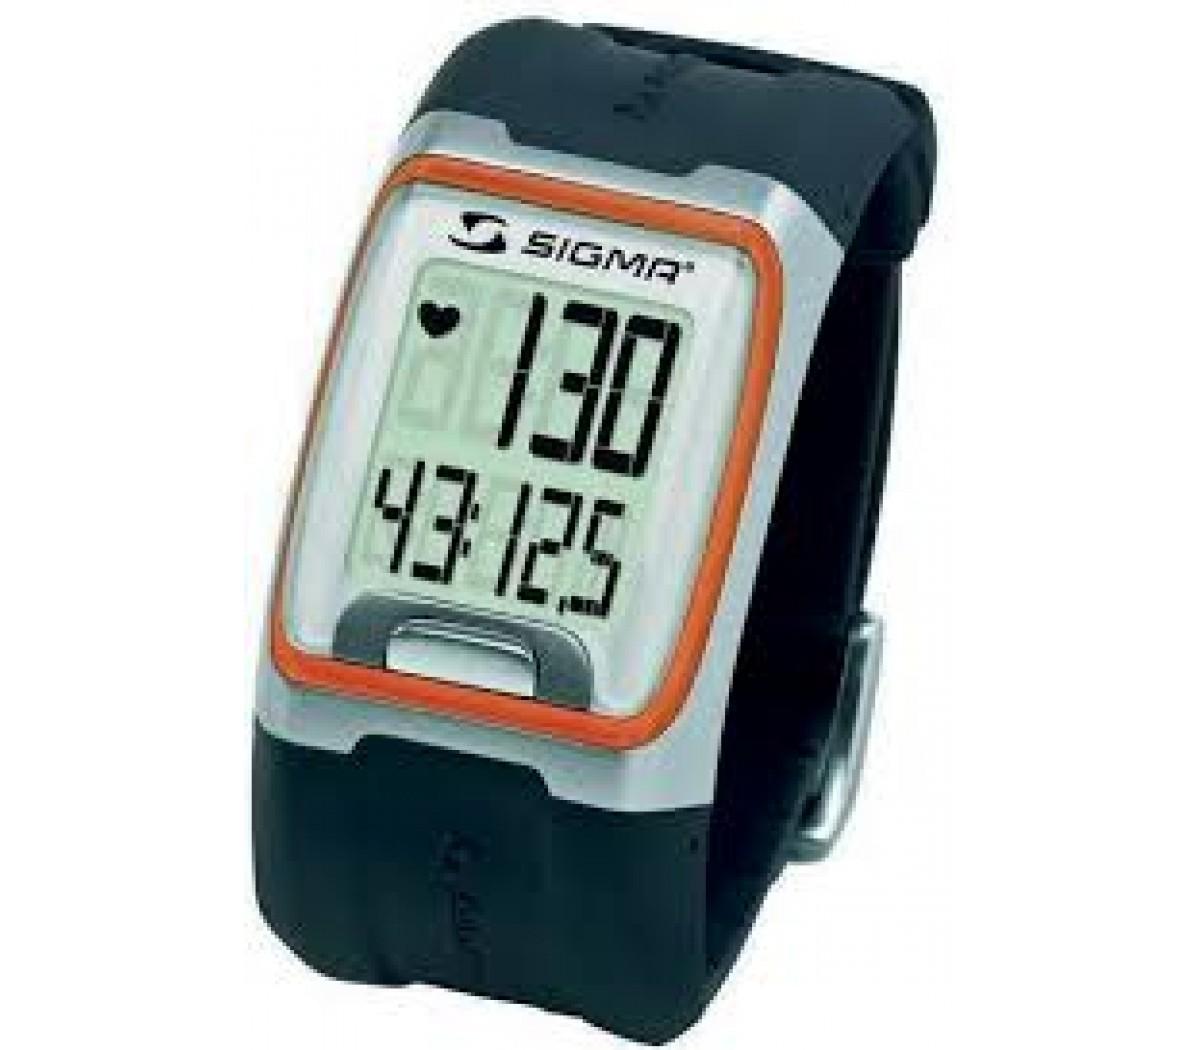 Sigma PC 3.11 een ideale hartslagmeter voor de eerste stappen in de sport.